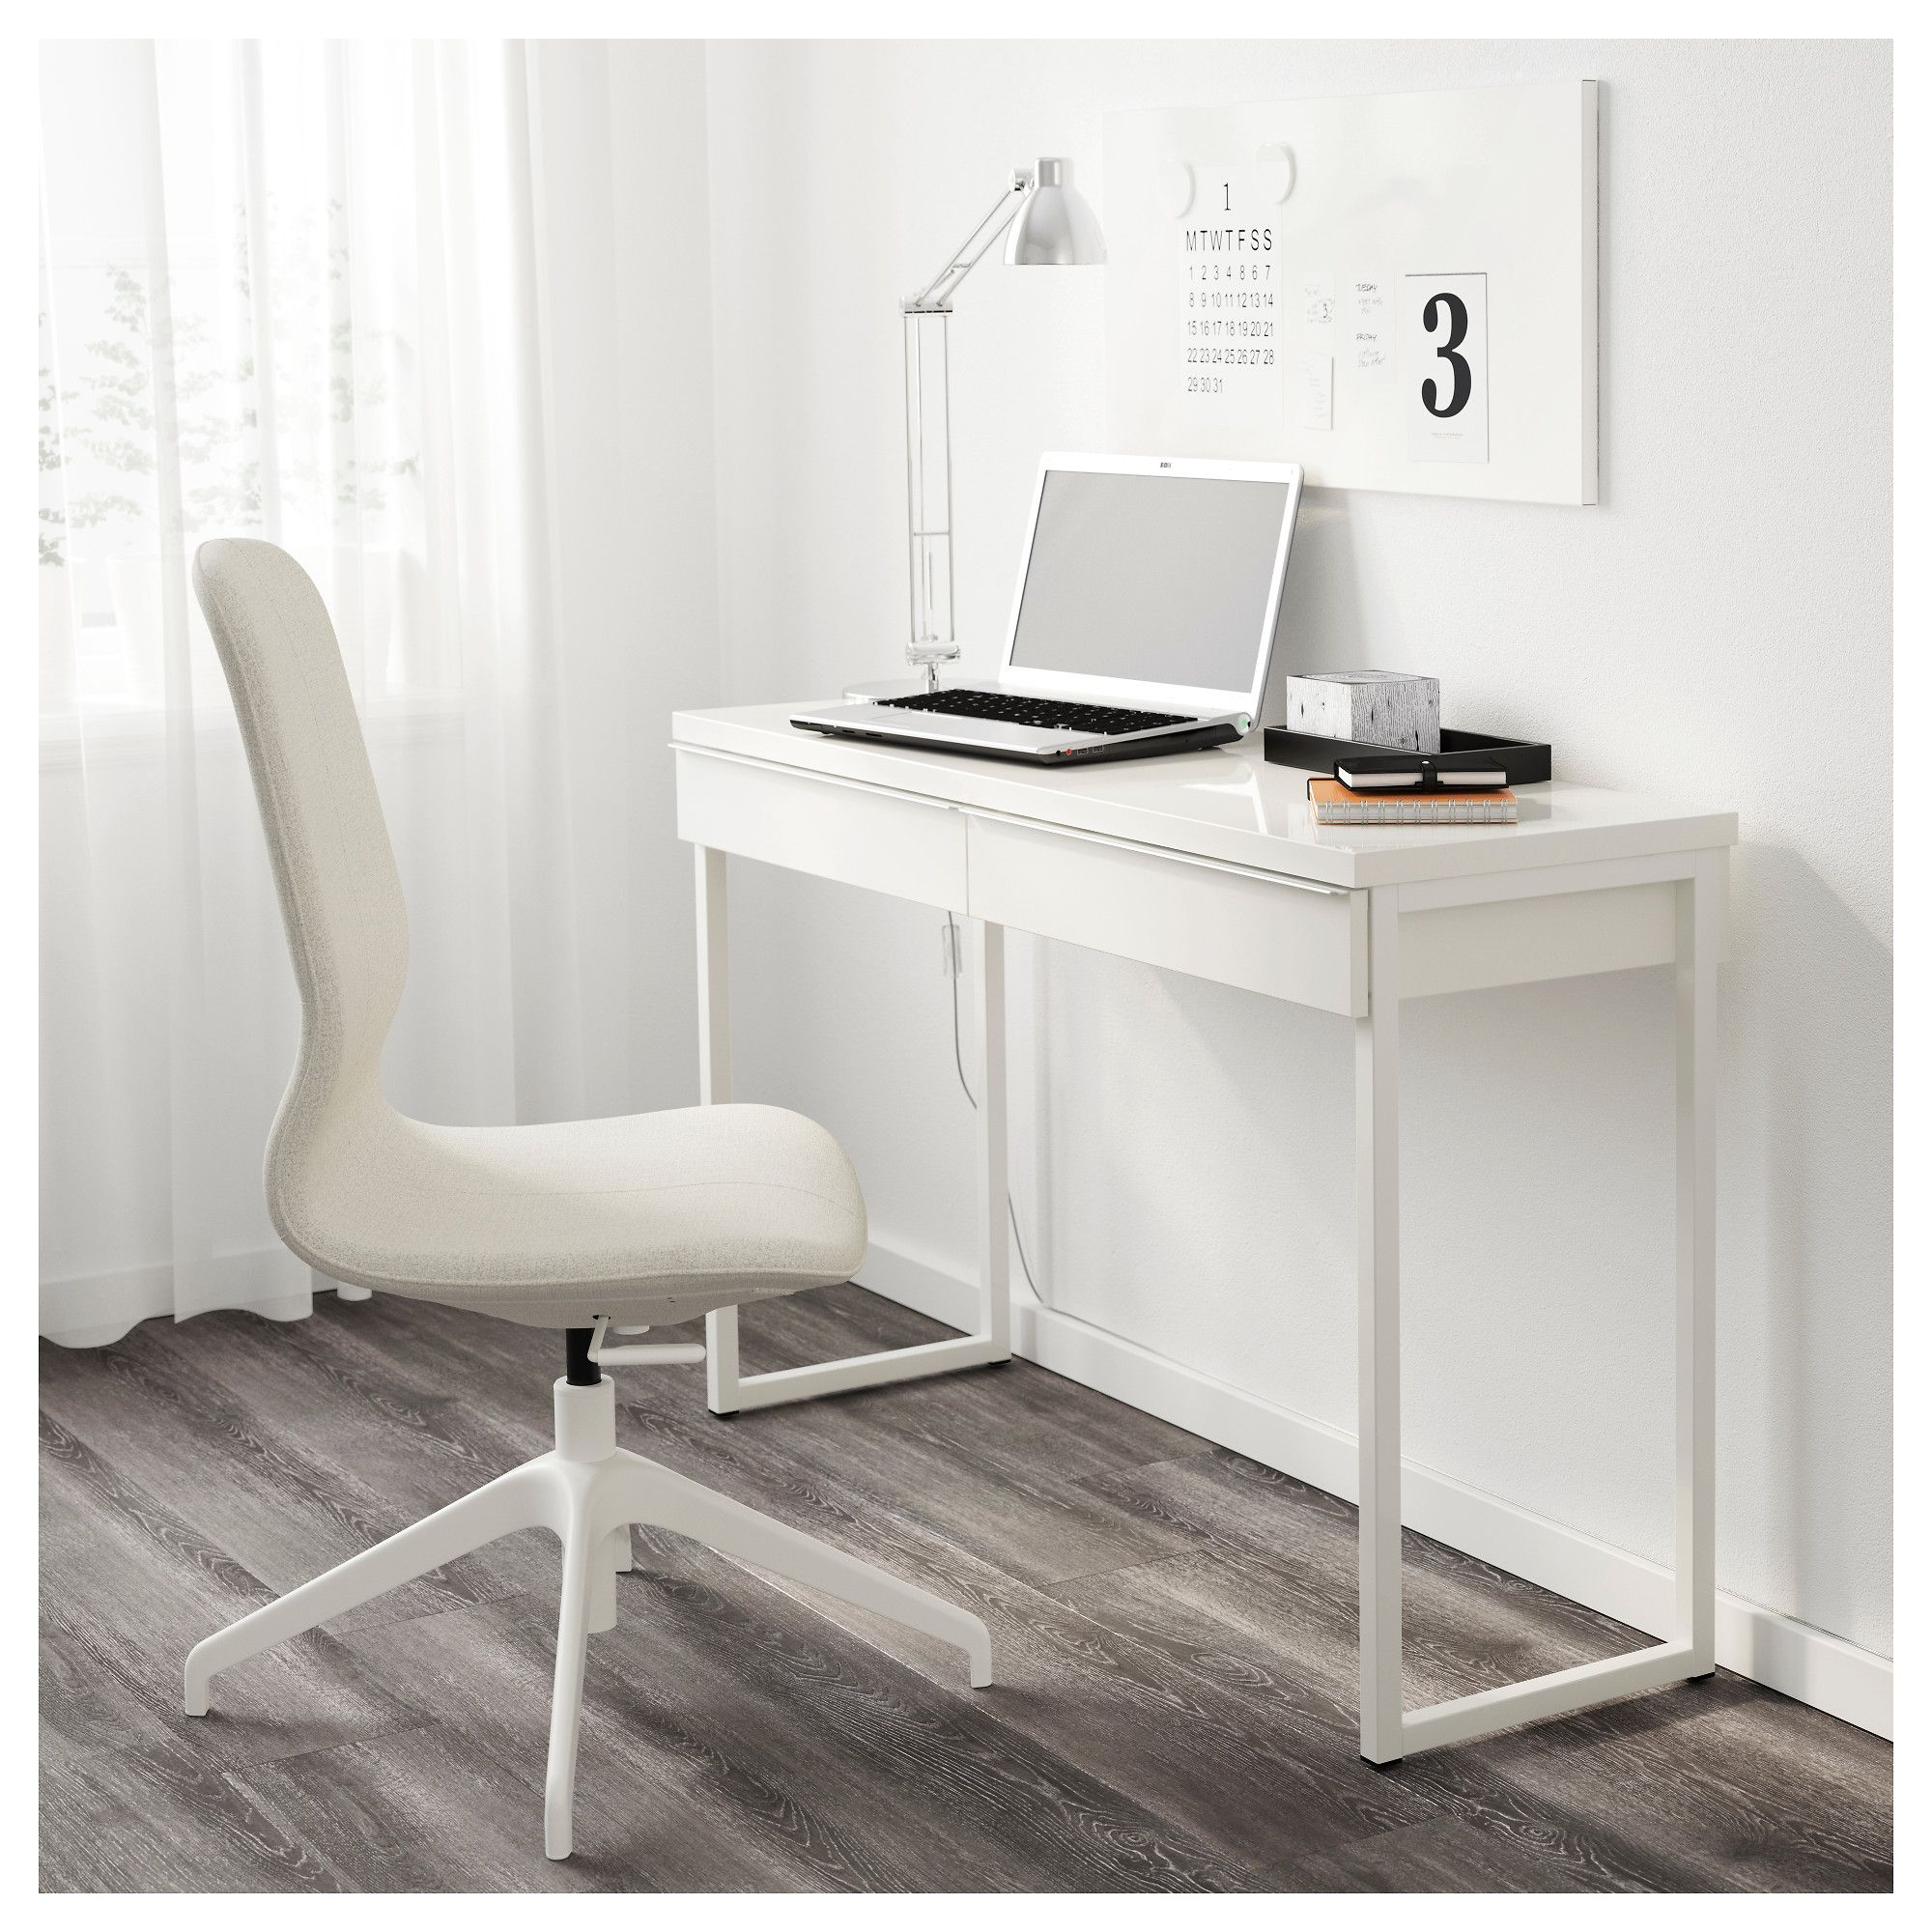 IKEA BESTÅ BURS Desk high gloss white Home office